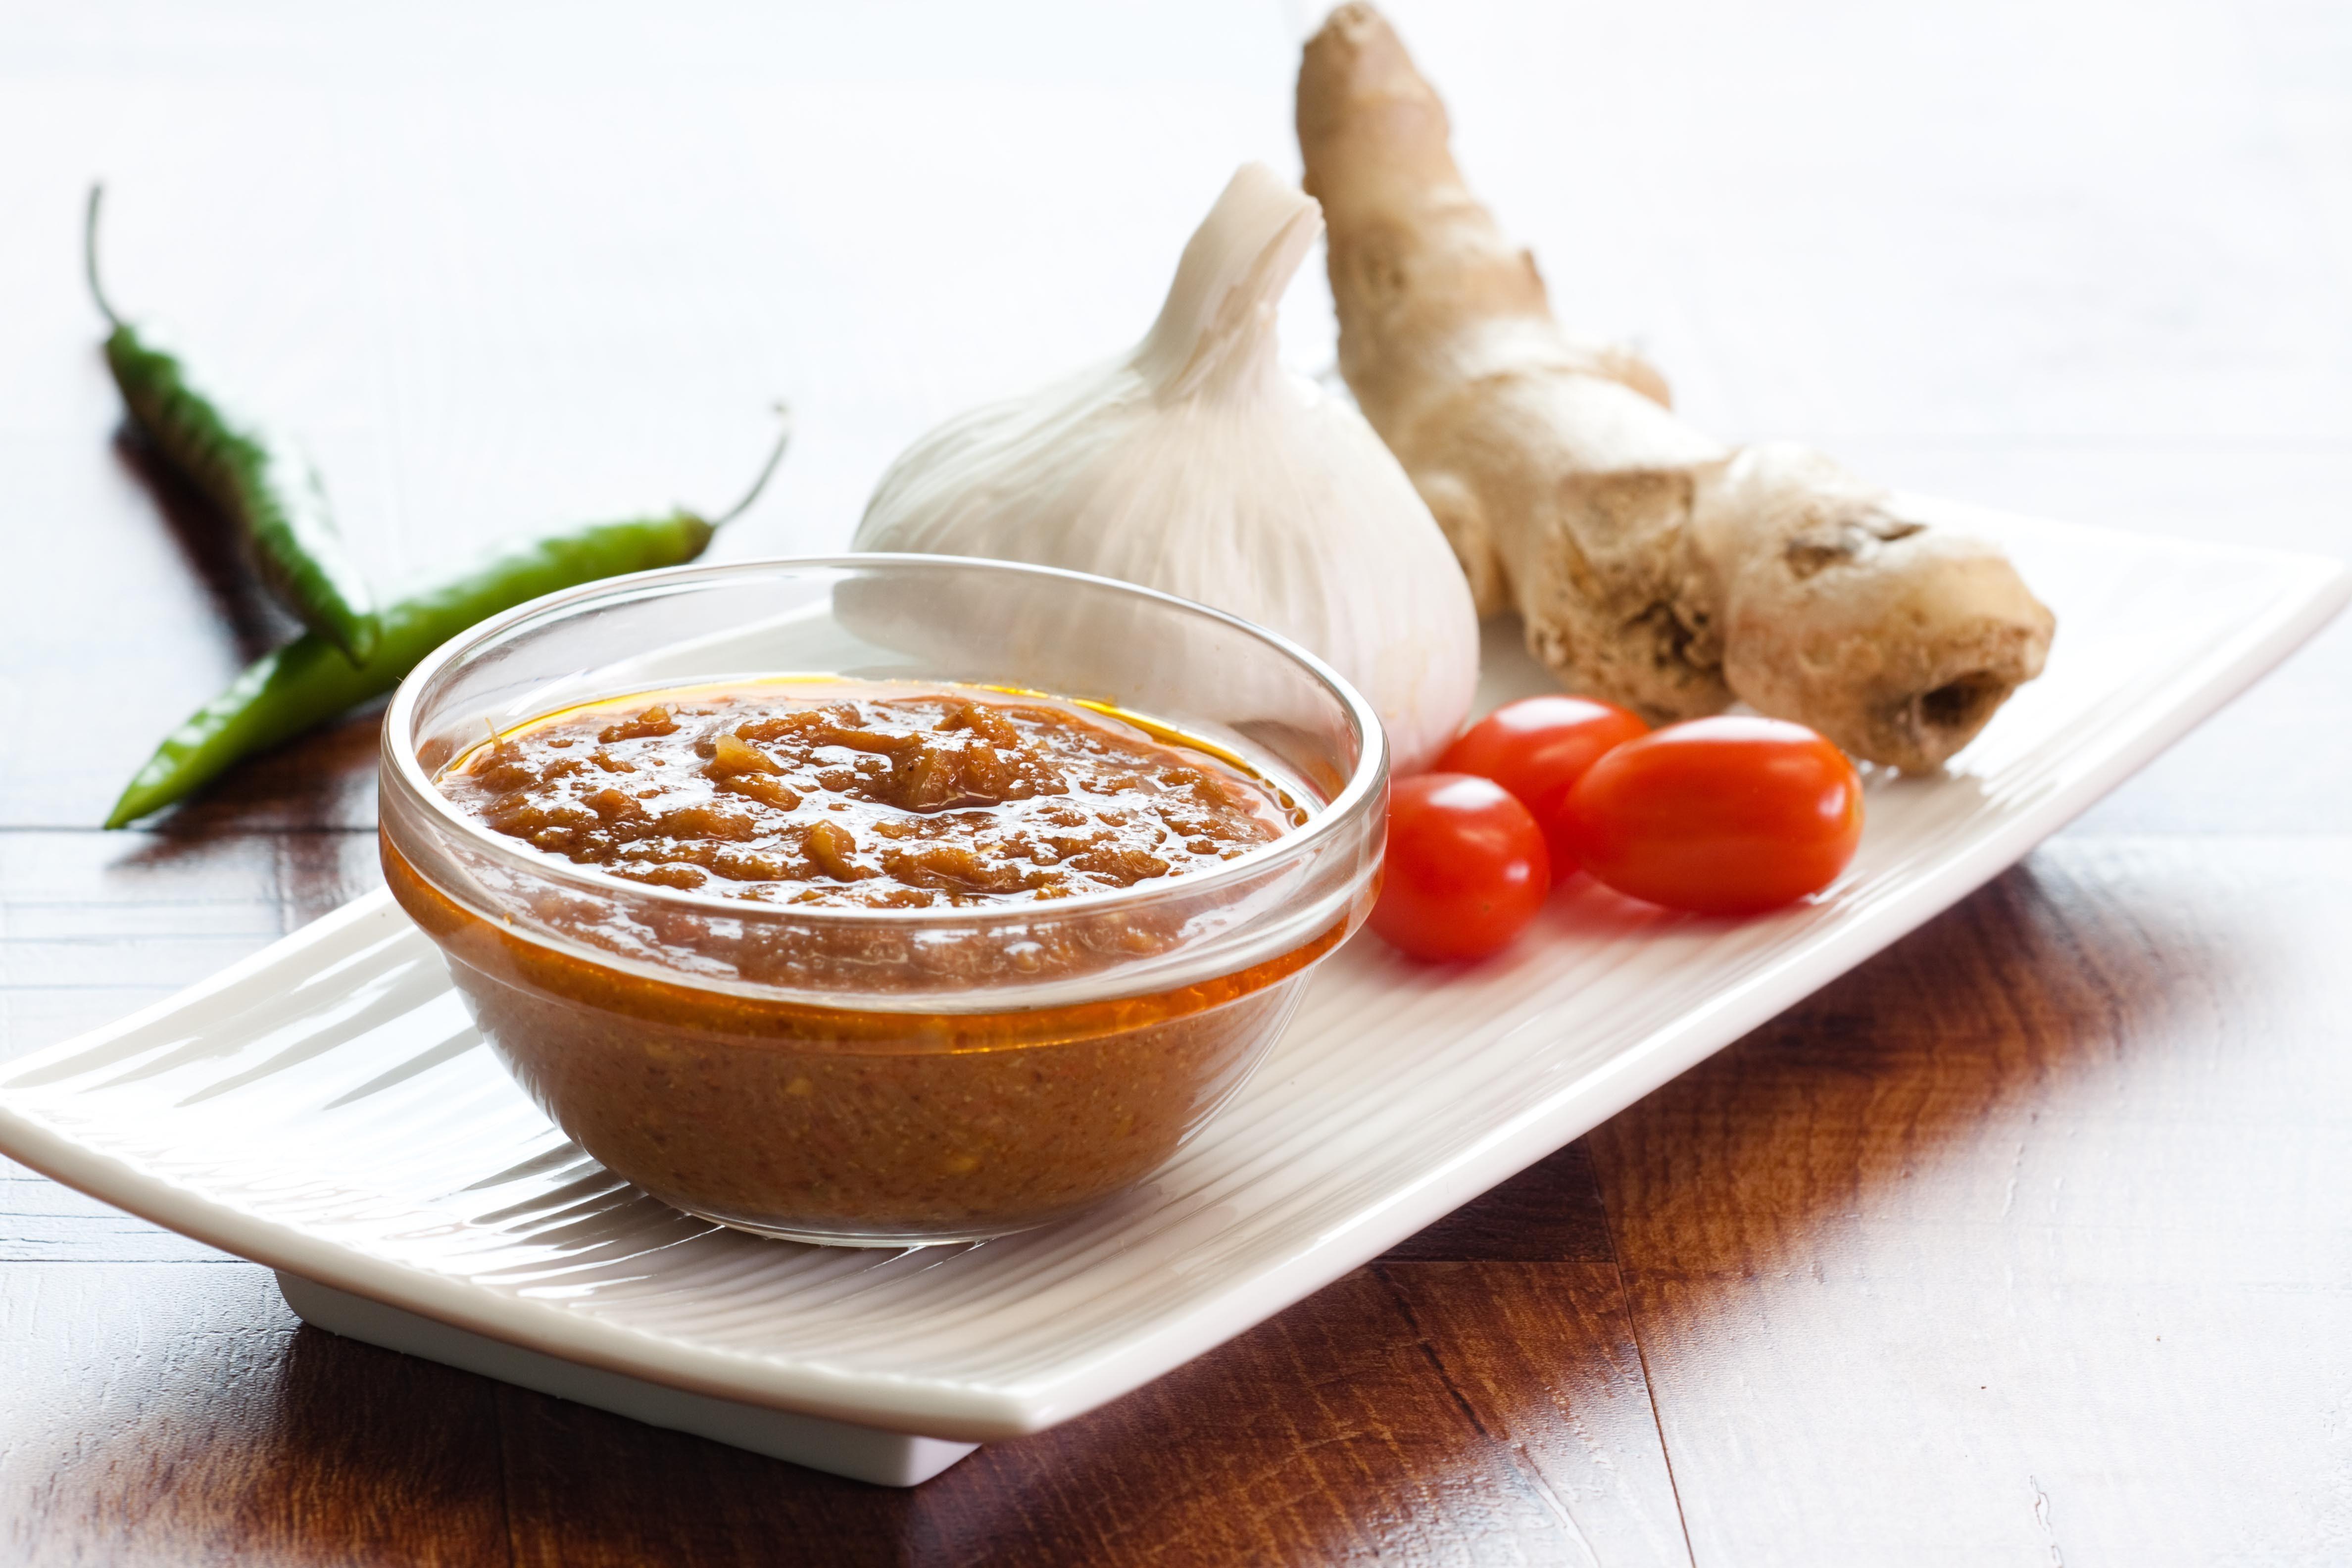 Parmi les meilleurs sauces et condiments, on retrouve la sauce rogan josh.